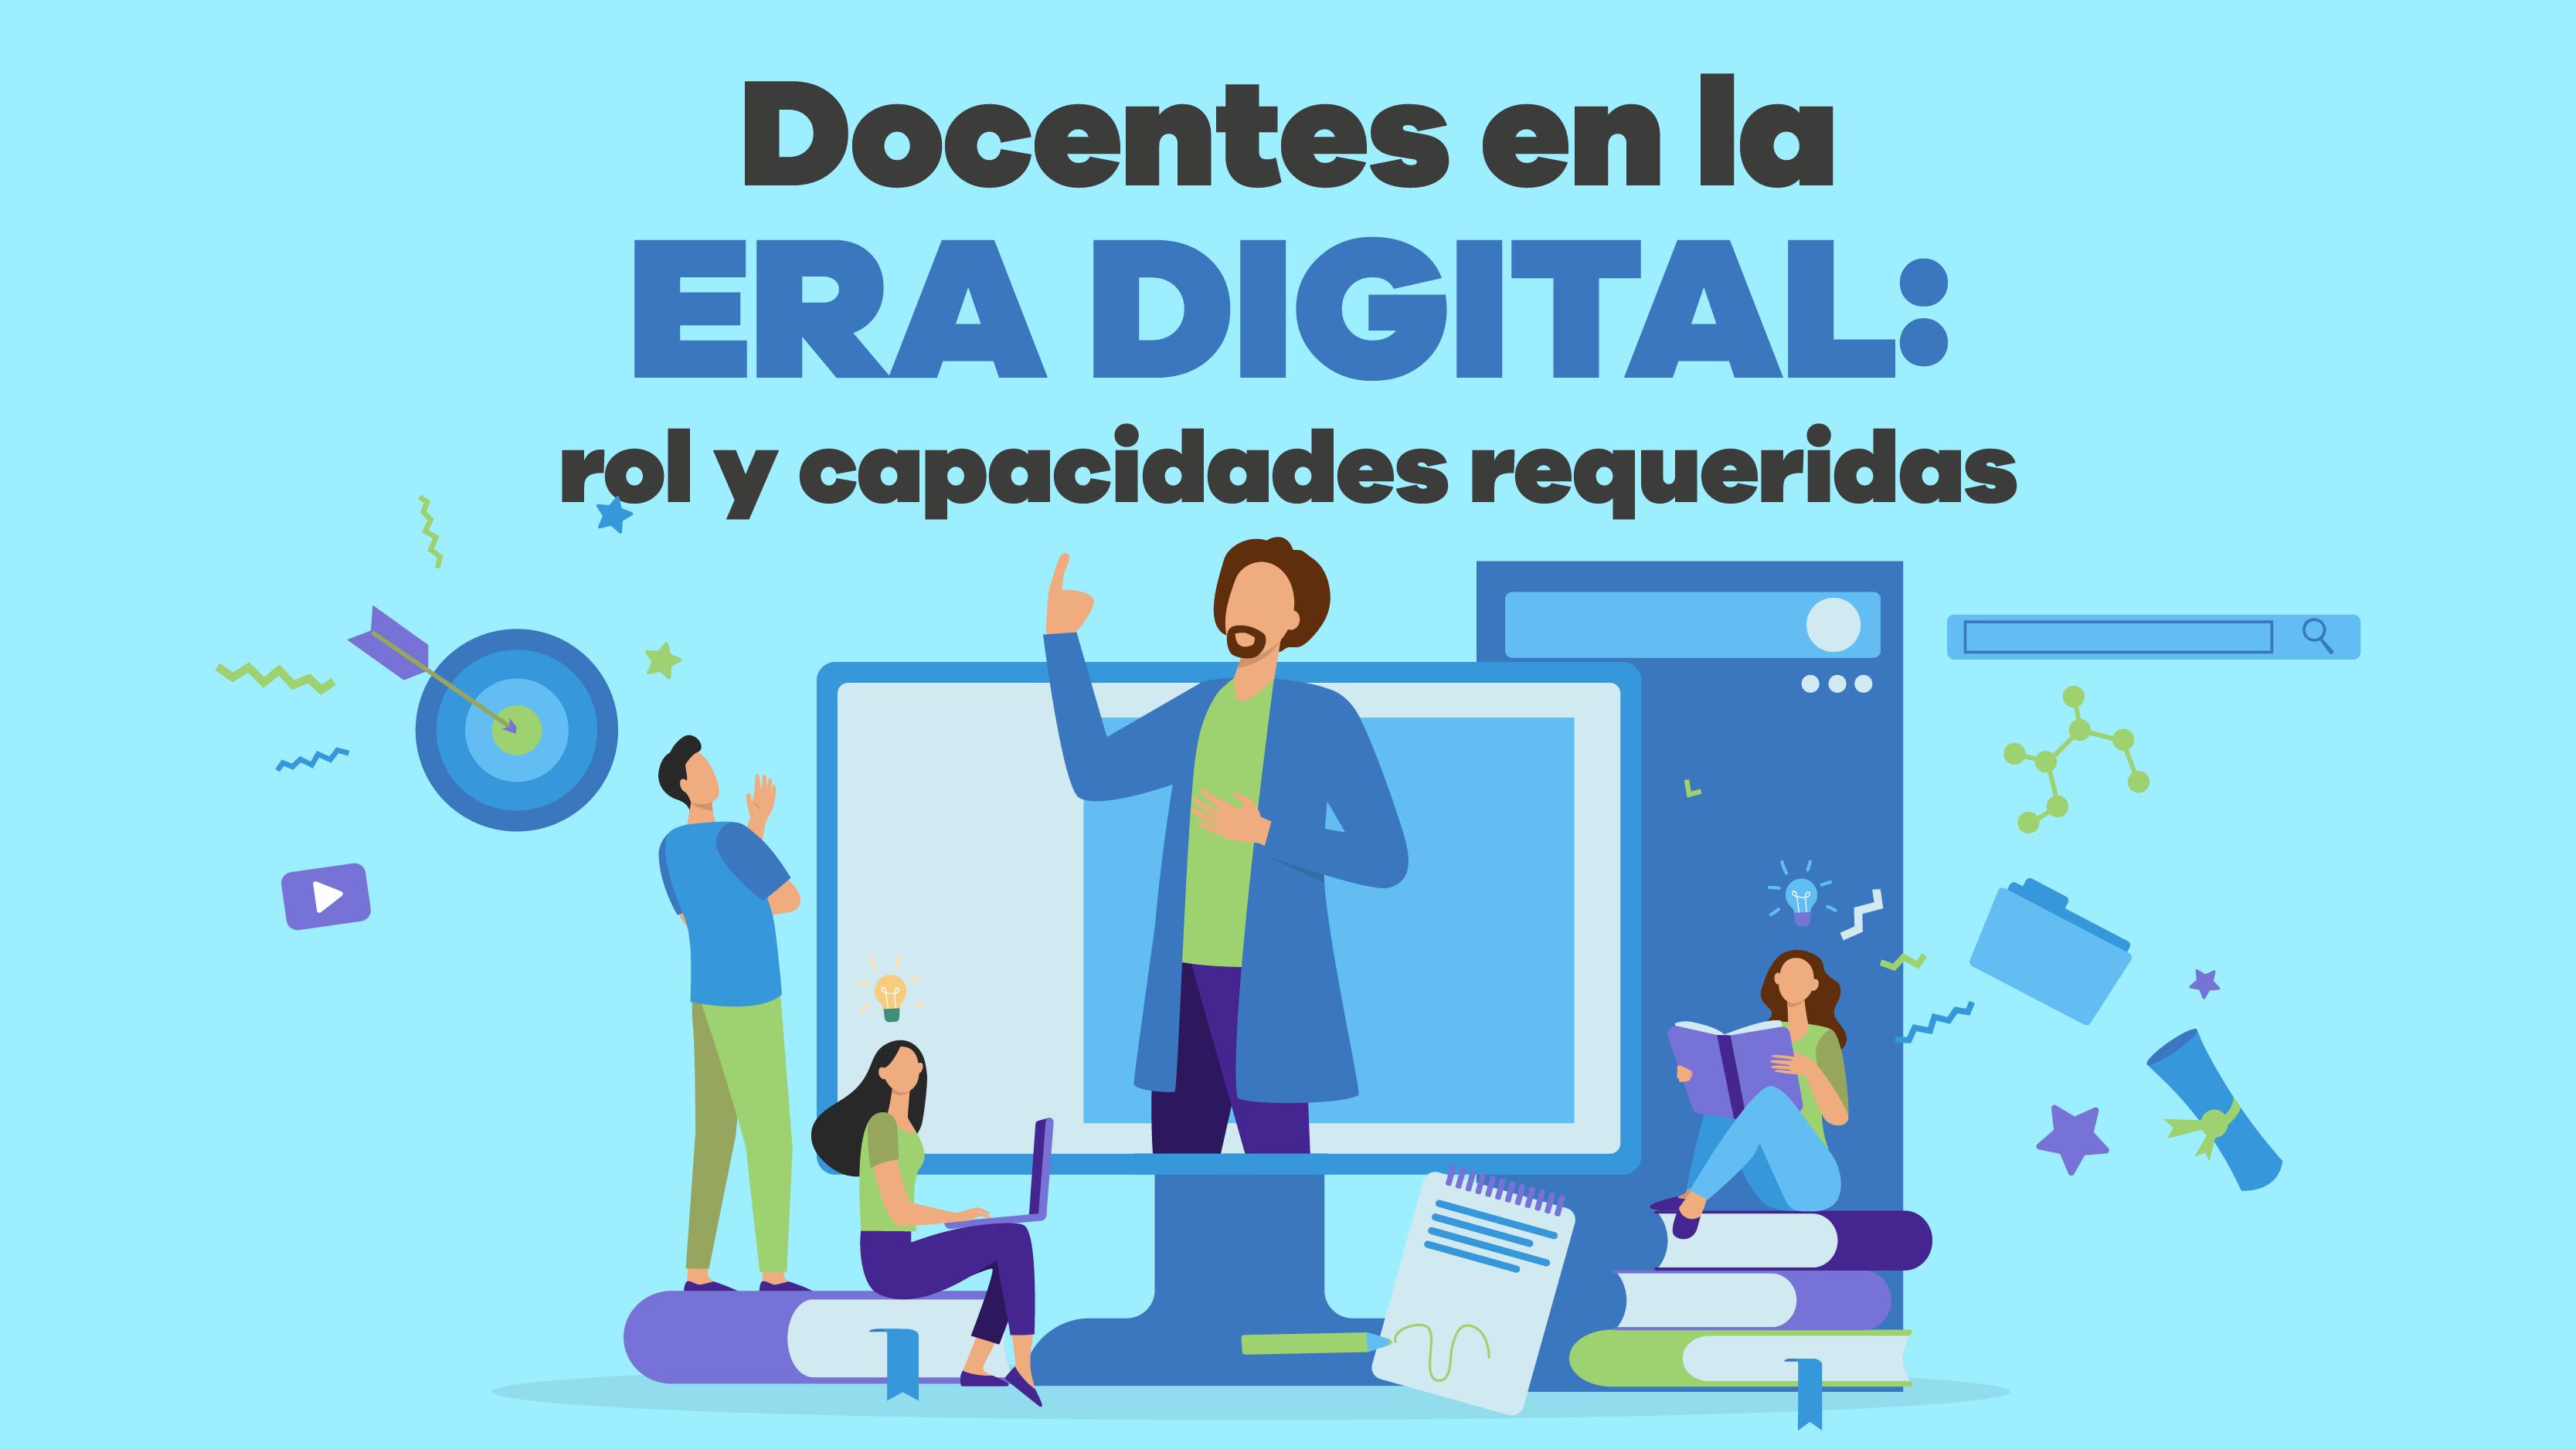 docentes en la era digital rol y capacidades requeridas